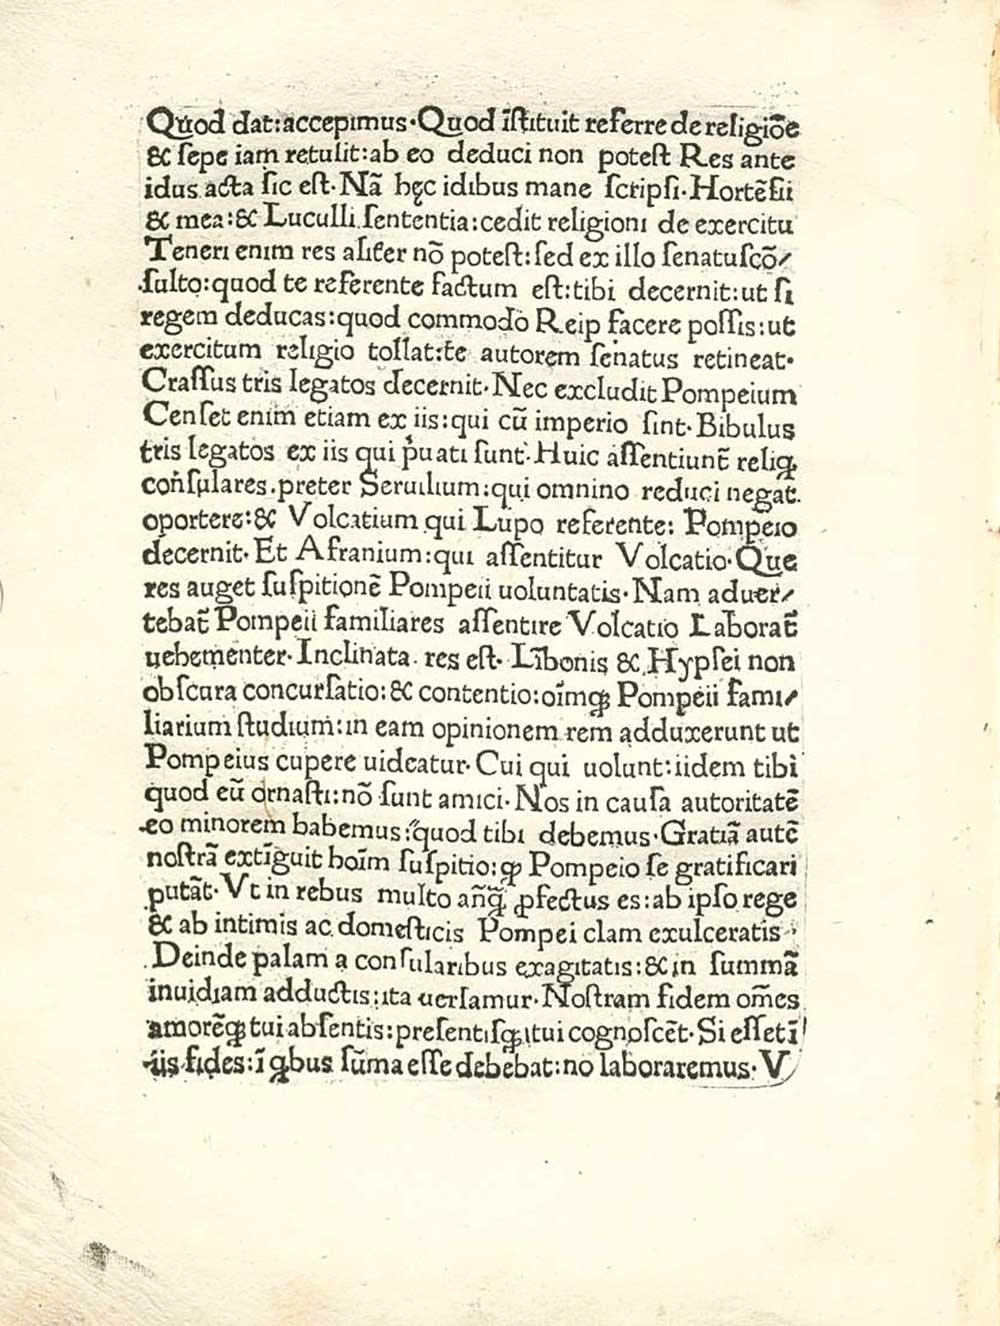 Eine Innenseite der »Epistulae ad familiares« von Marcus Tullius Cicero (106–43 v.Chr.). Gedruckt um 1471 von der Offizin von Arnold Pannartz und Conrad Sweynheym in Rom. Quelle: MDZ der Bayerische Staatsbibliothek, München. Online verfügbar unter http://daten.digitale-sammlungen.de/~db/0006/bsb00066416/images/ (3.8.2017).